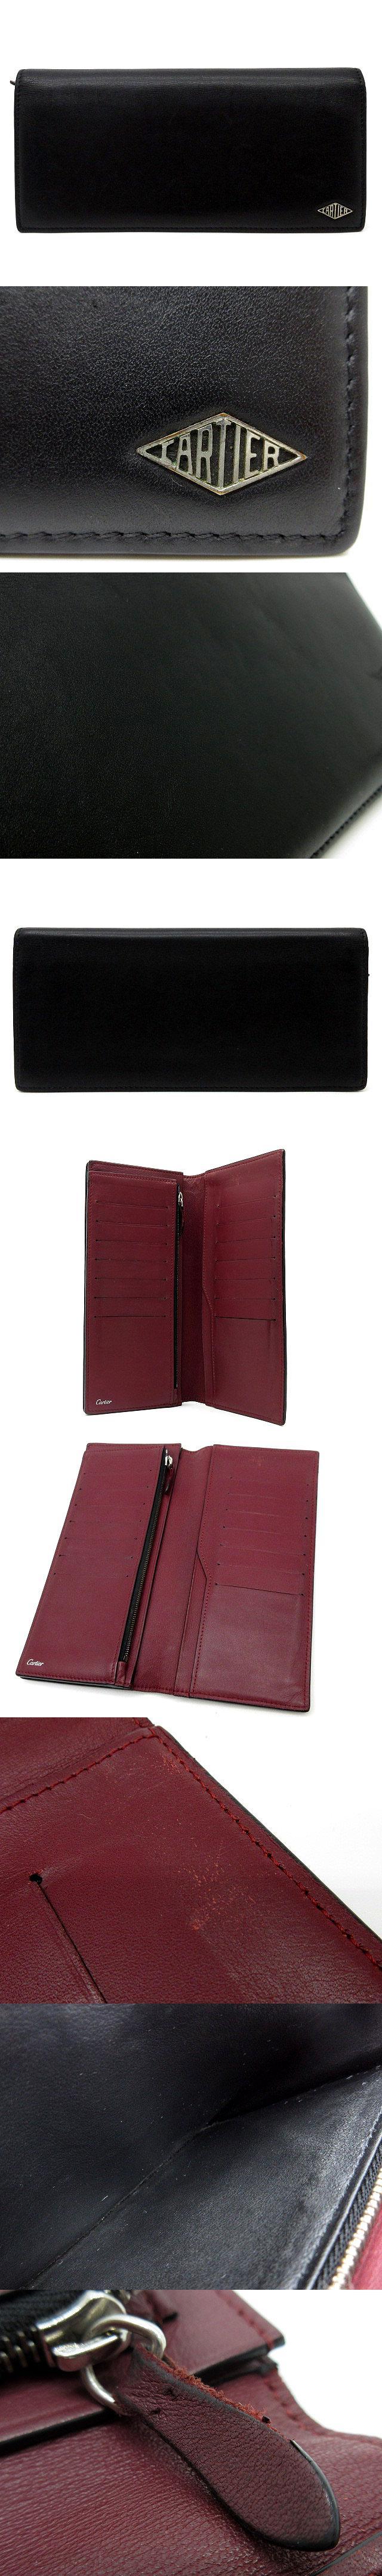 ルイ カルティエ 二つ折り 長財布 インターナショナル ウォレット カーフレザー L3001405 黒 ブラック ボルドー